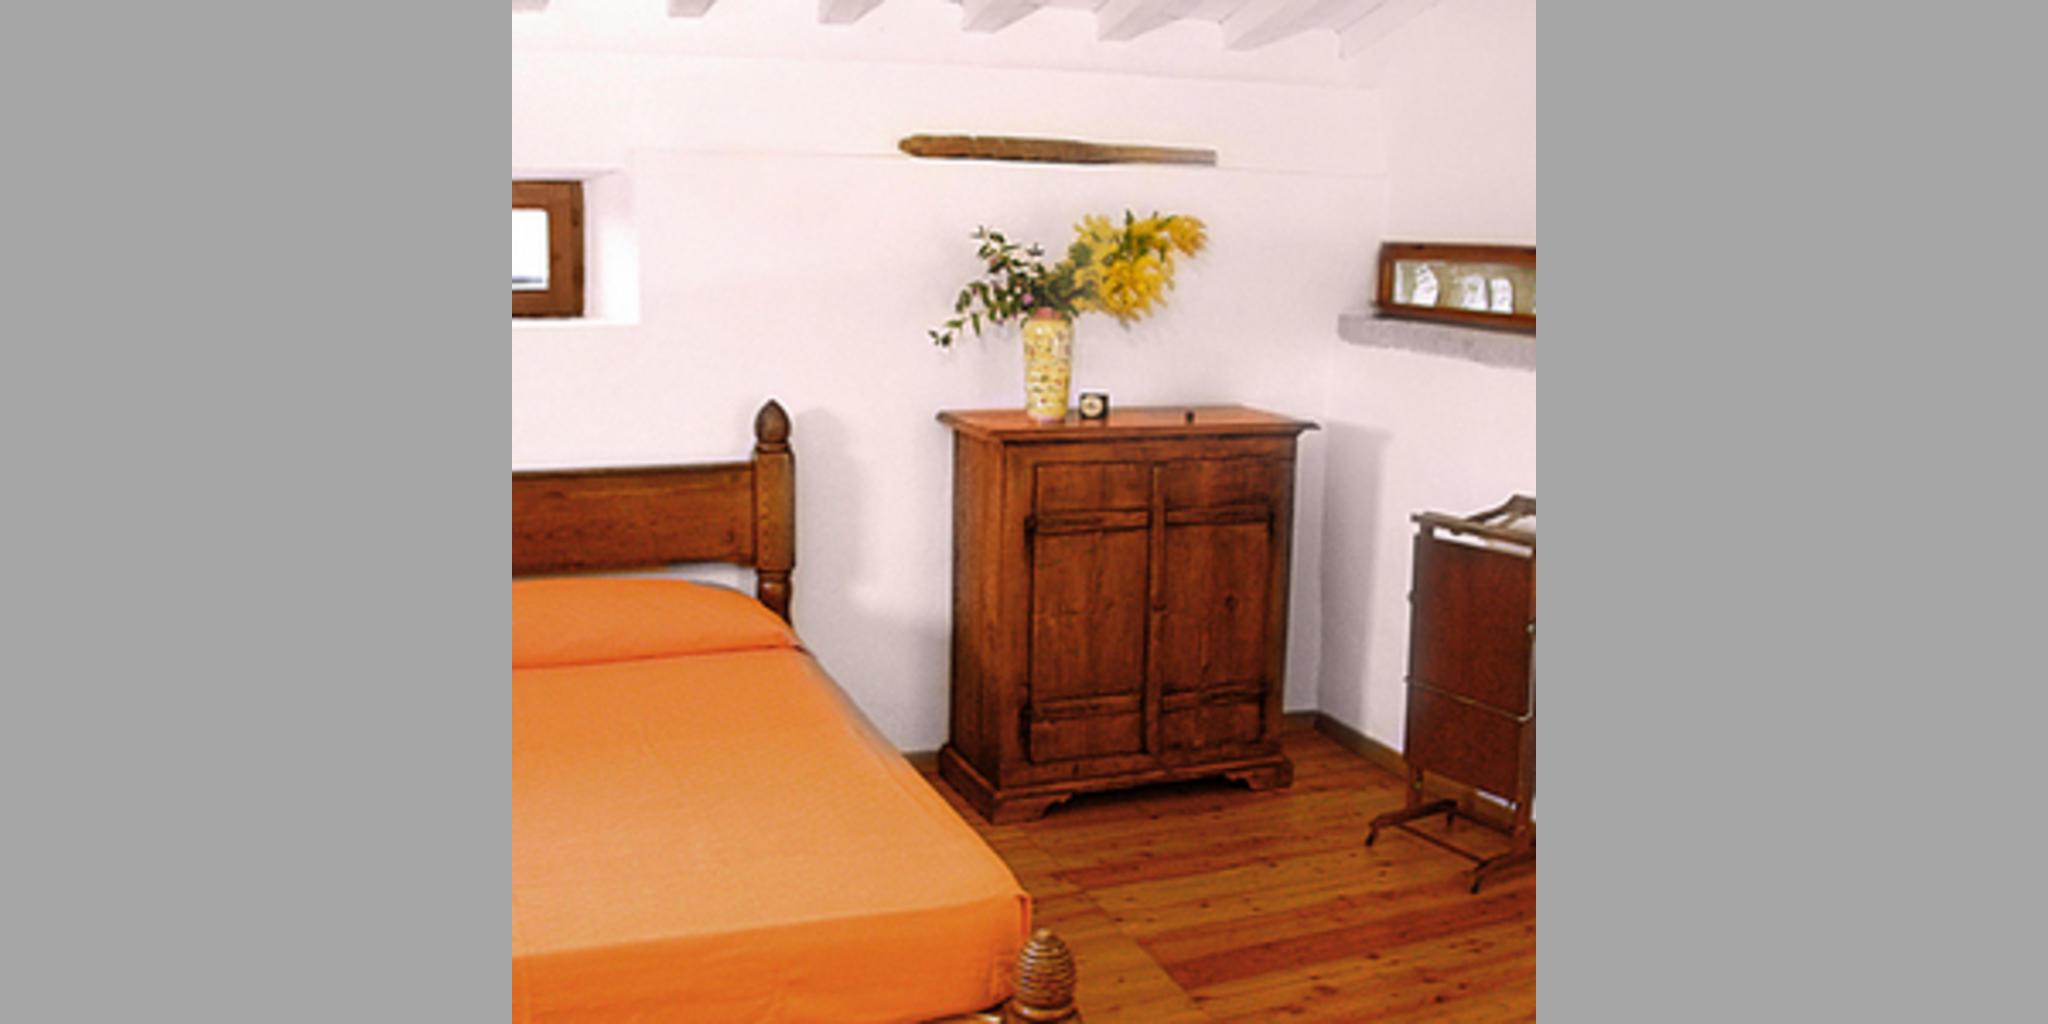 Appartamento Bagno A Ripoli - Casa Vacanze Bagno A Ripoli